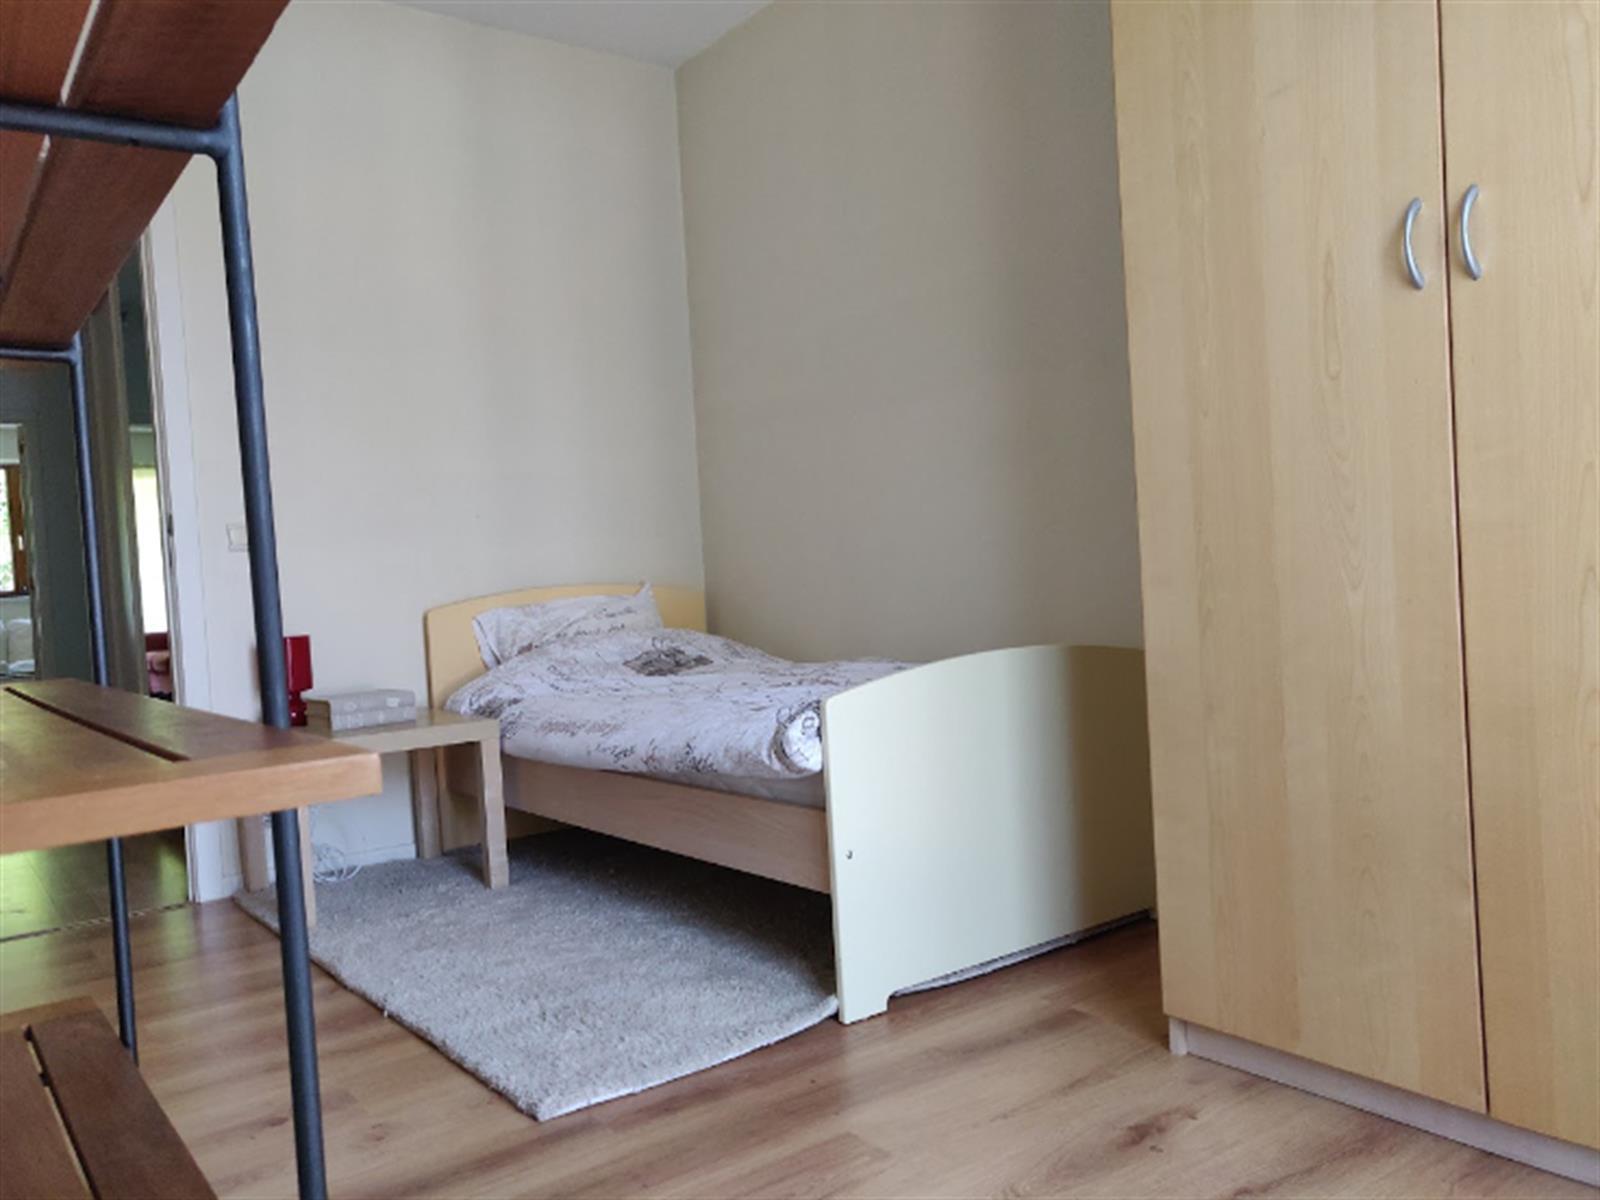 Appartement - Woluwe-Saint-Pierre - #4043876-10